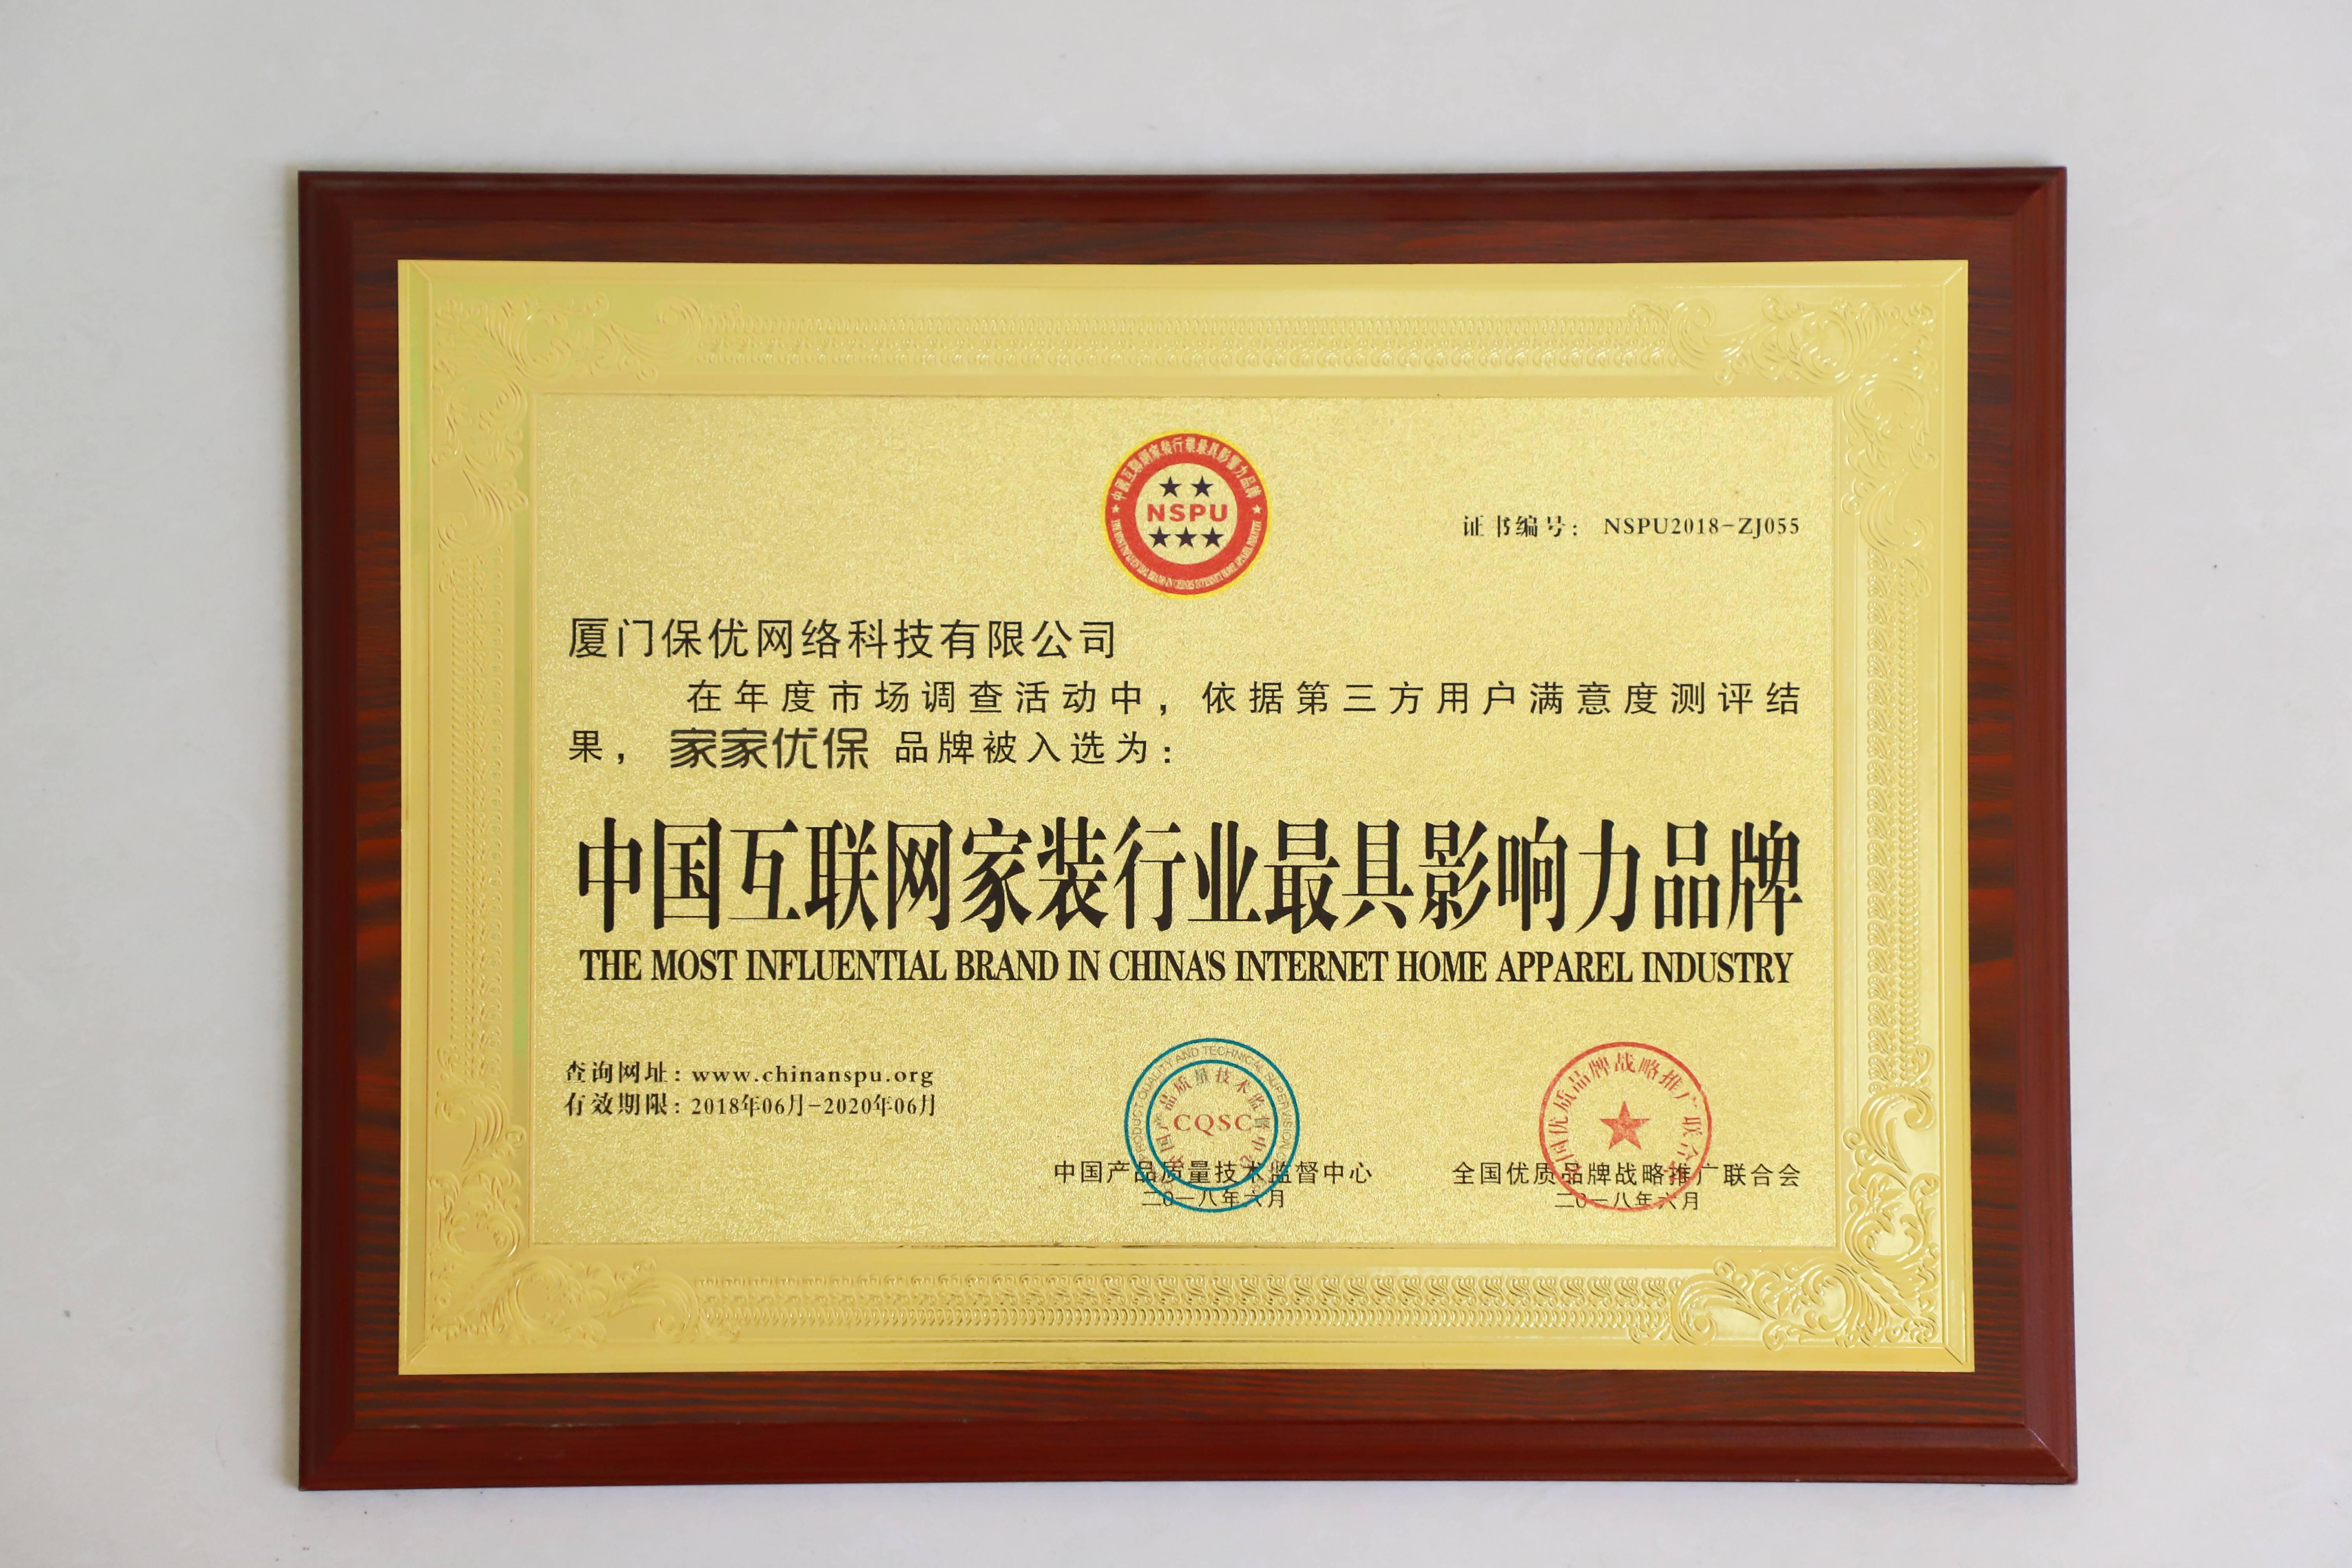 家家优保荣获中国互联网家装行业最具影响力品牌